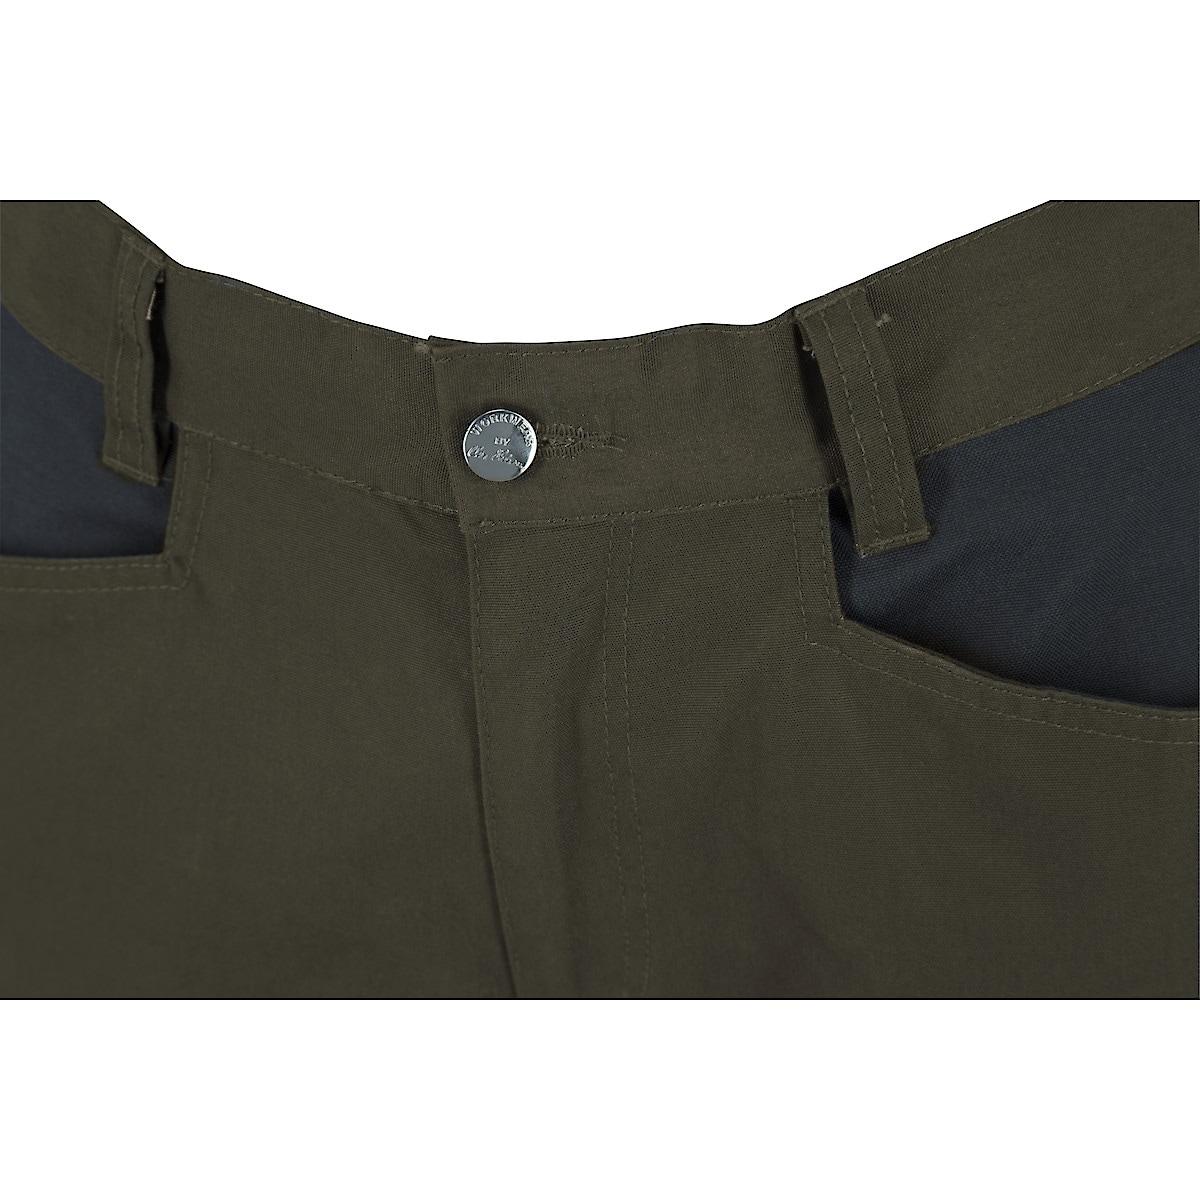 Arbetsbyxor stretch, grön/svart